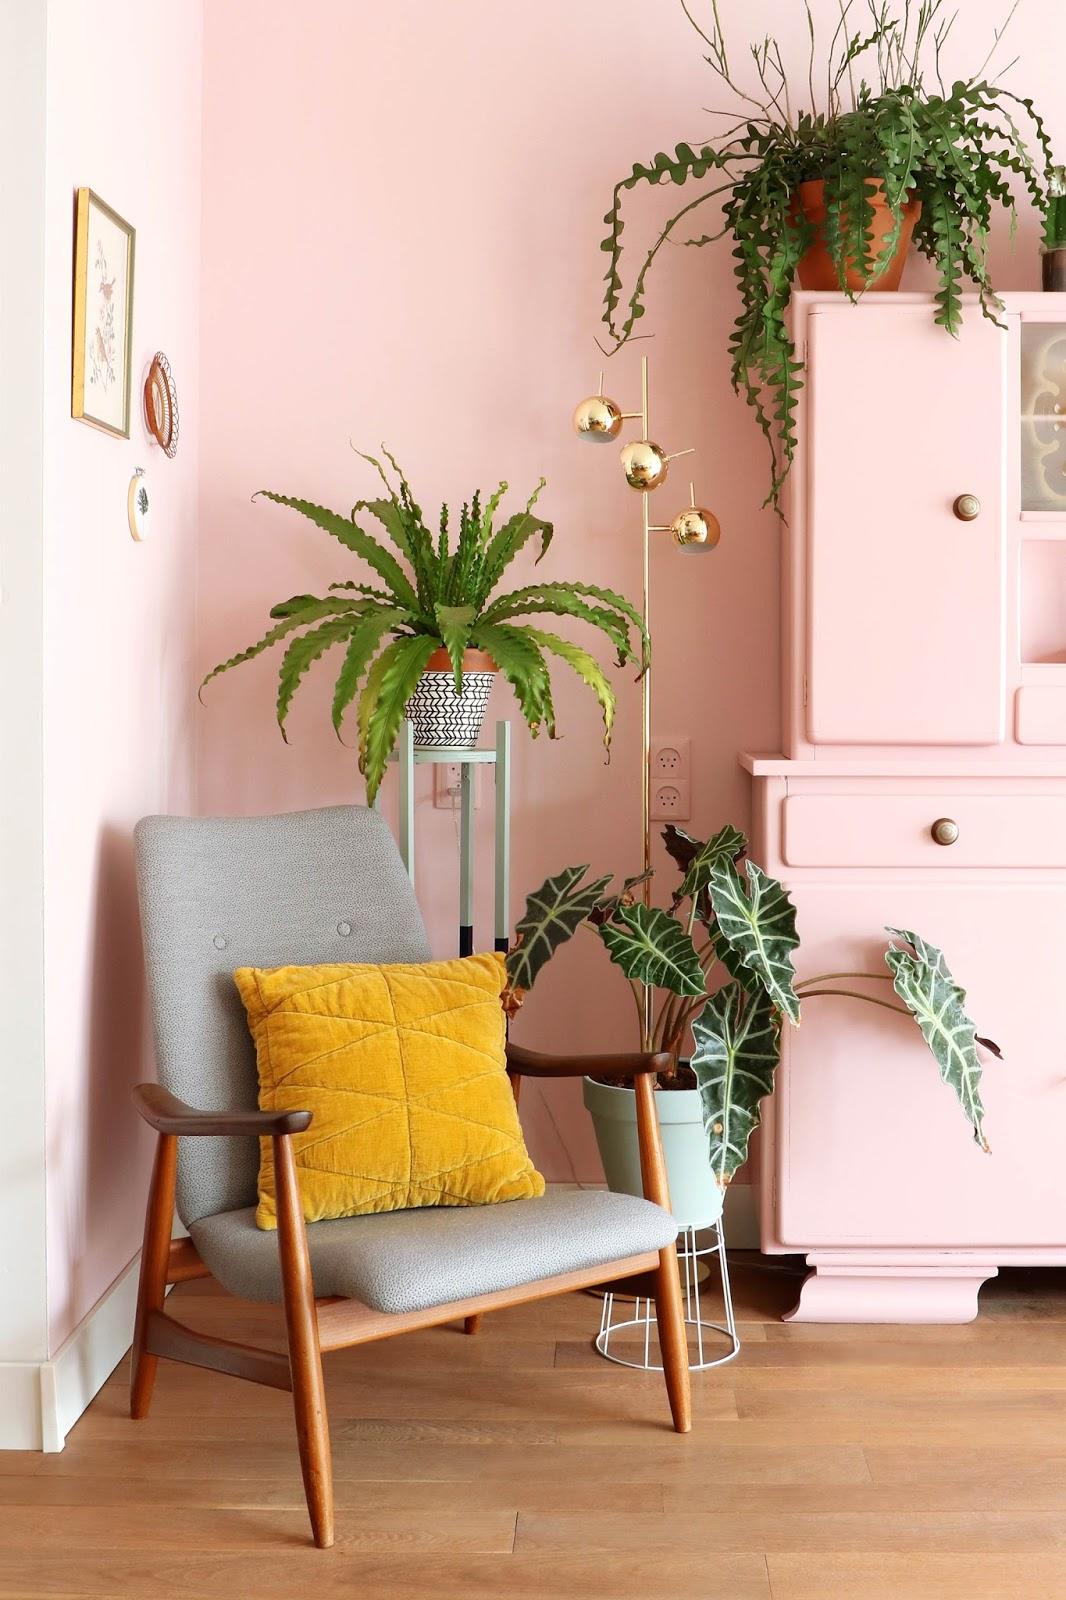 Decoraci n con plantas blog de decoraci n diy ideas - Blog de decoracion de casas ...